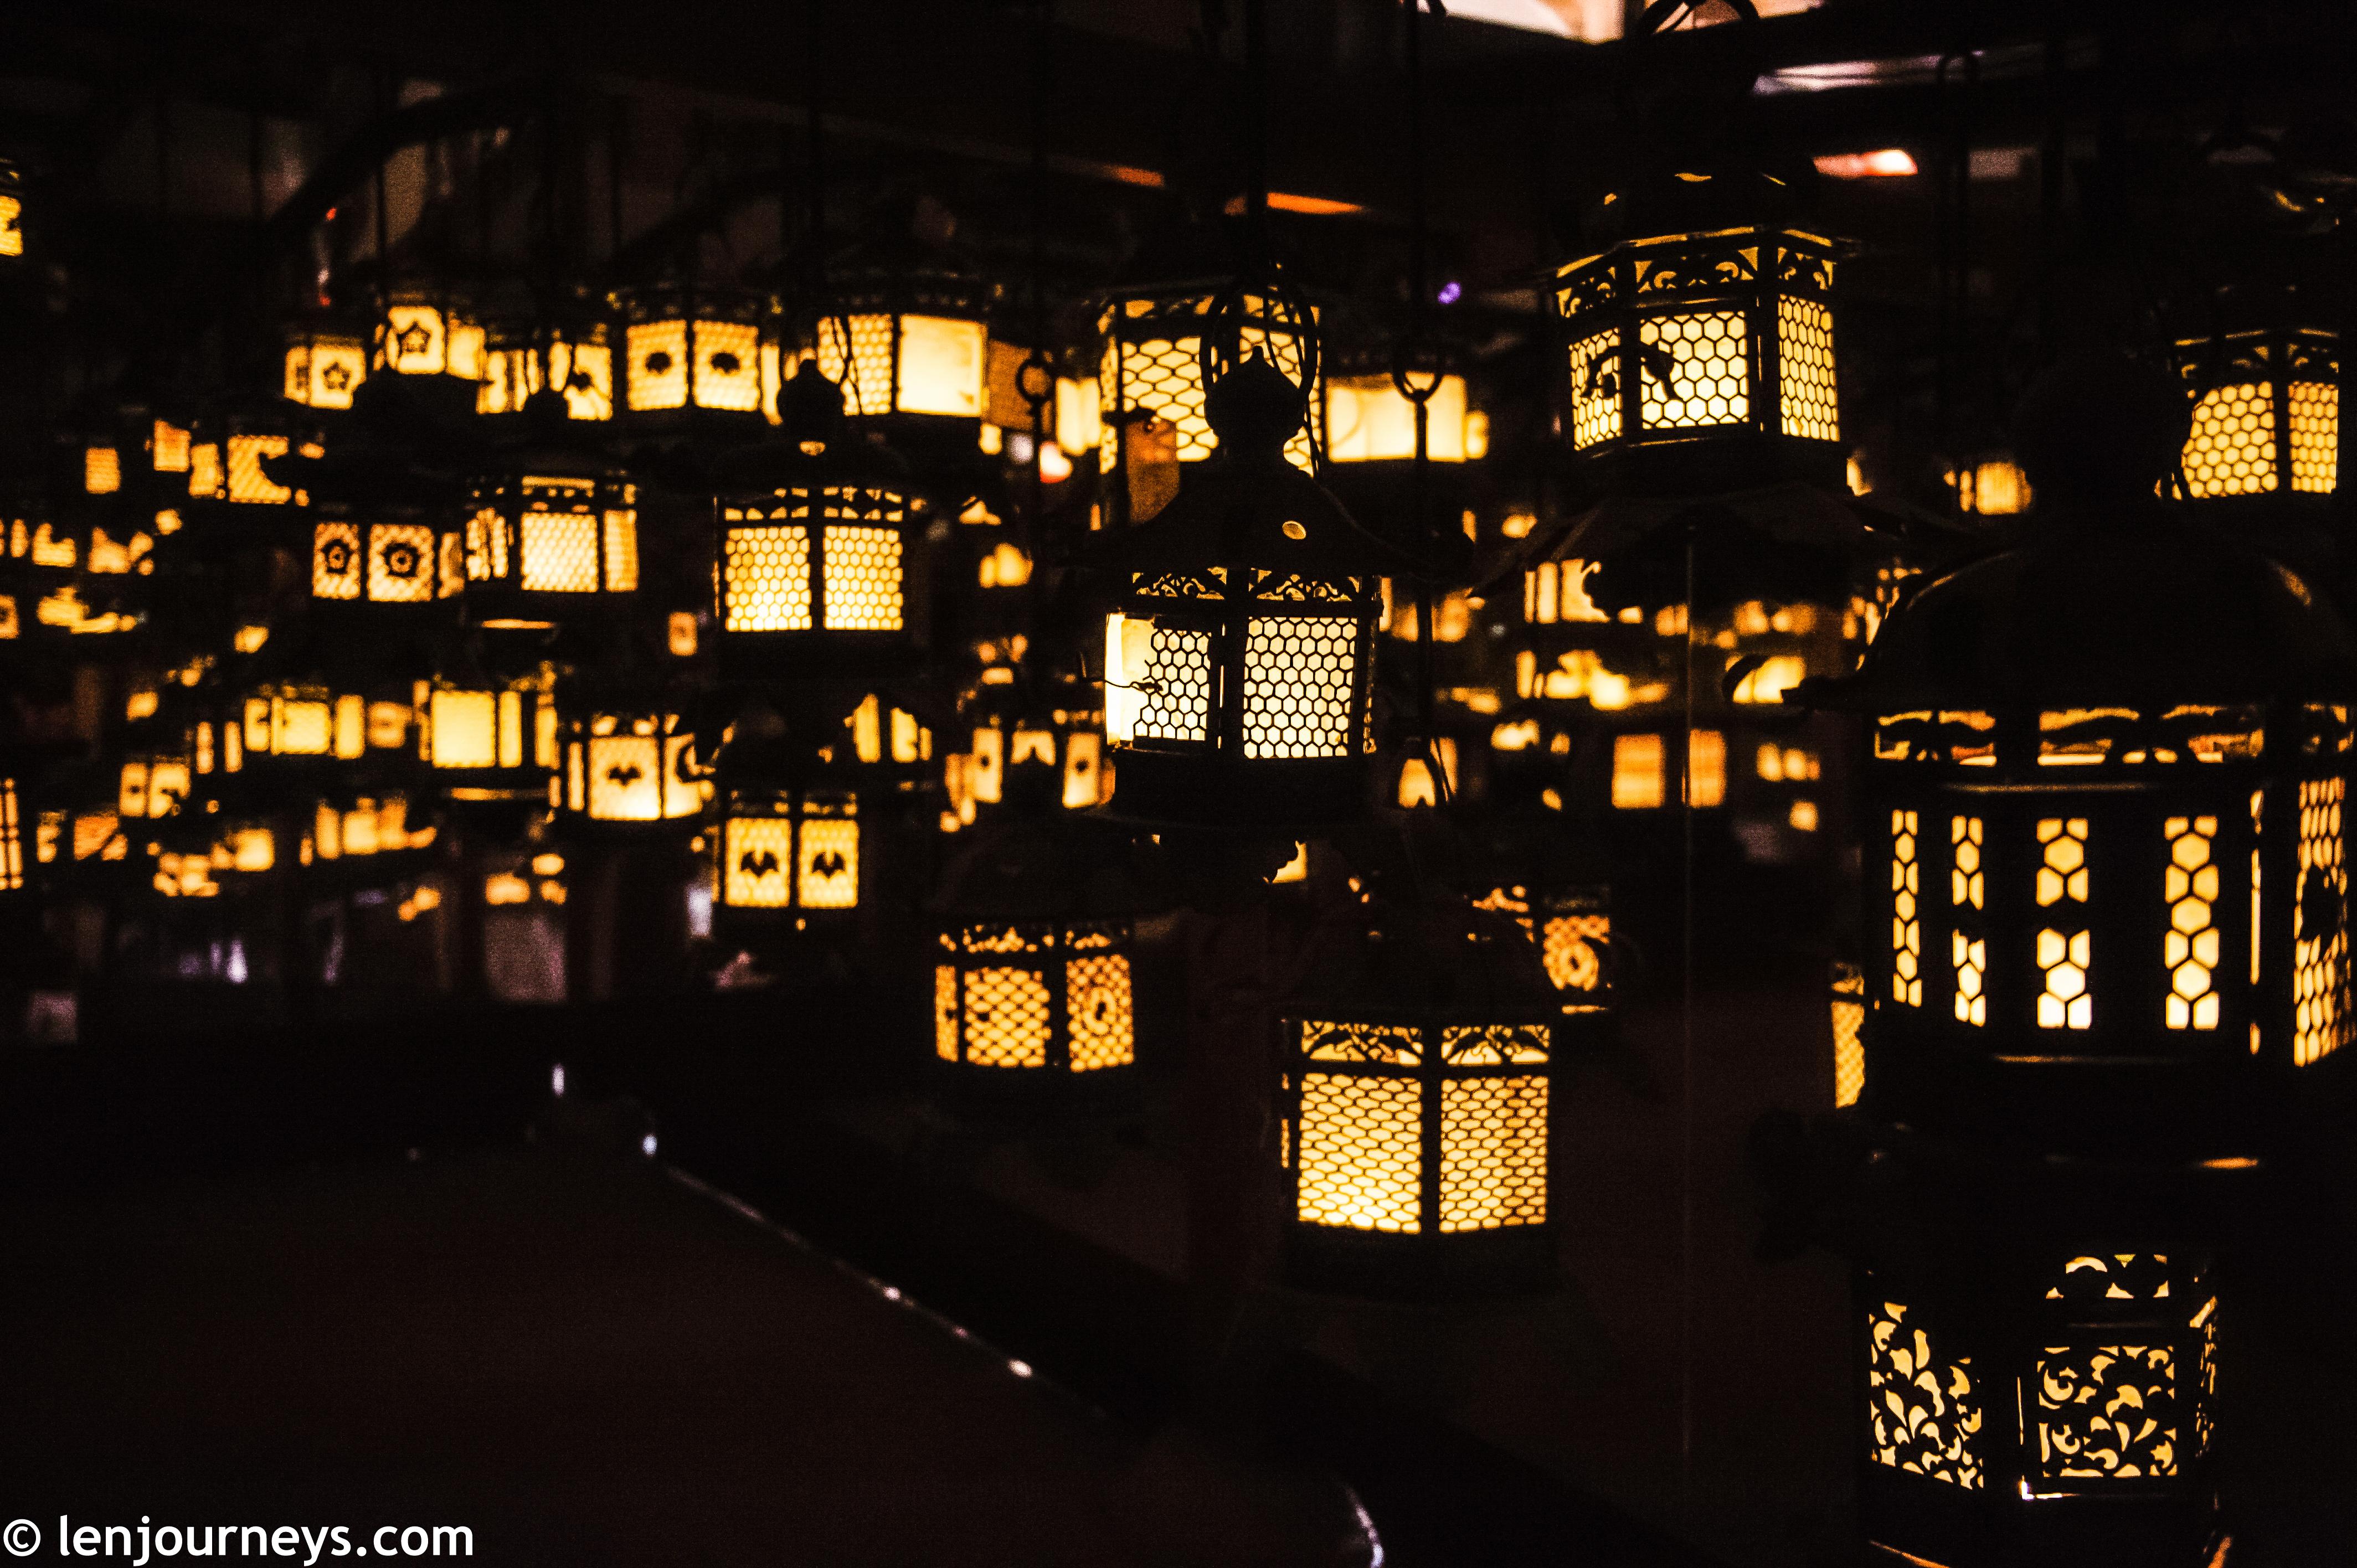 Lit-up lanterns